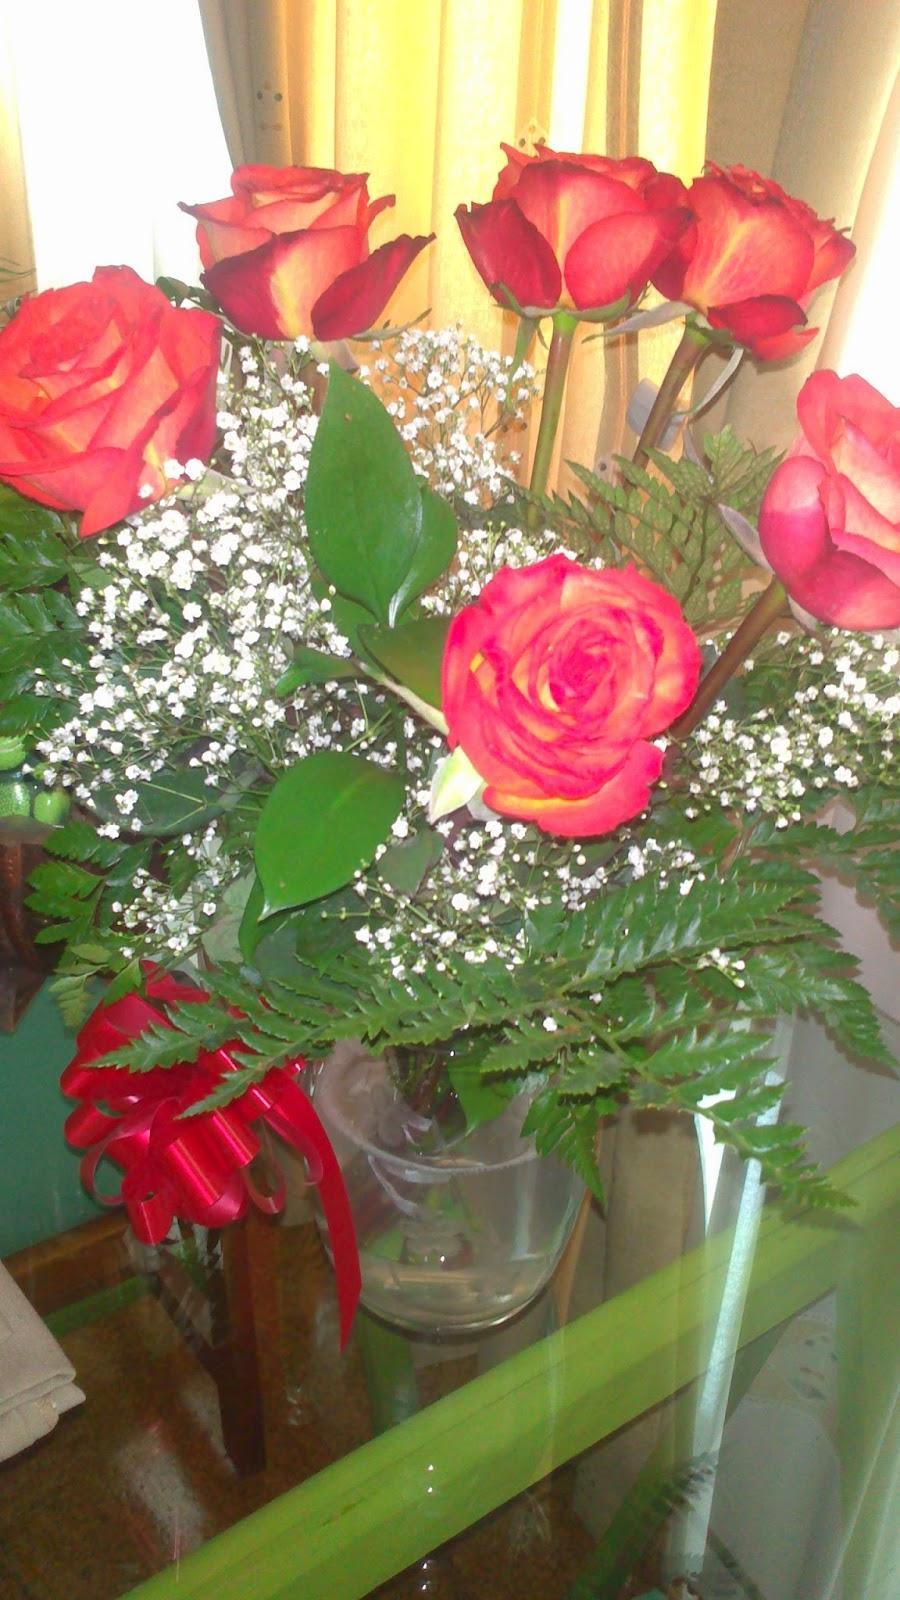 10 fotos de ramos de flores para admirar y compartir Banco  - Ramos De Rosas Naturales Imagenes